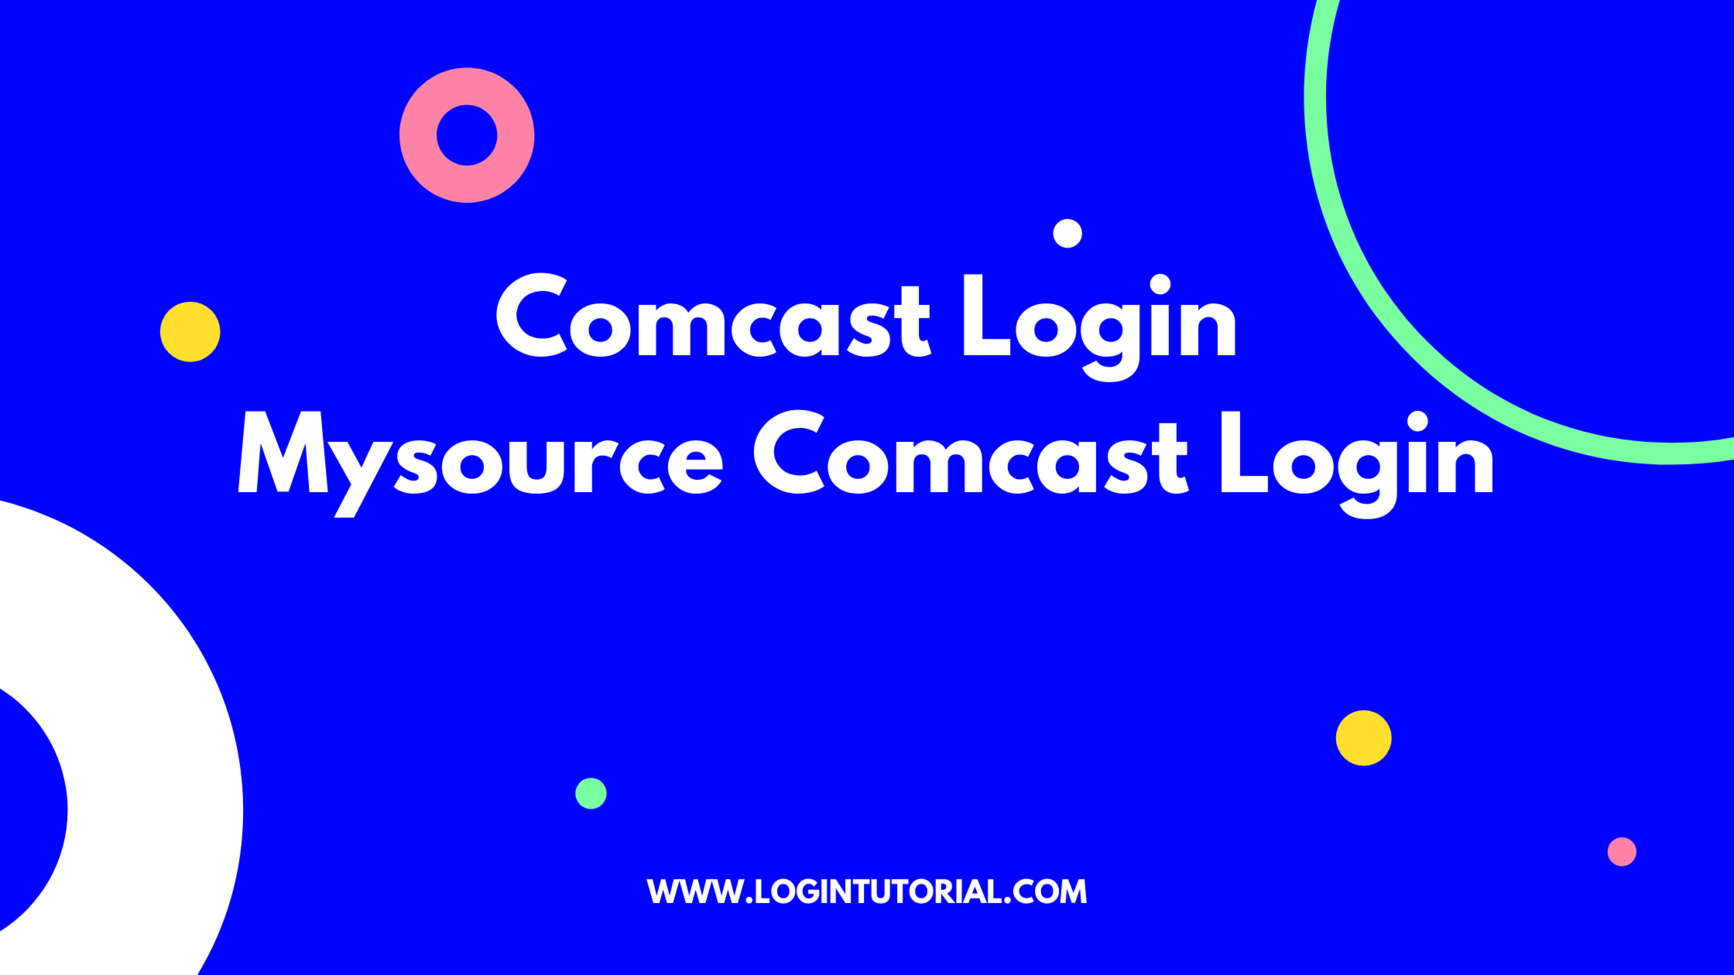 Comcast Login - Mysource Comcast Login